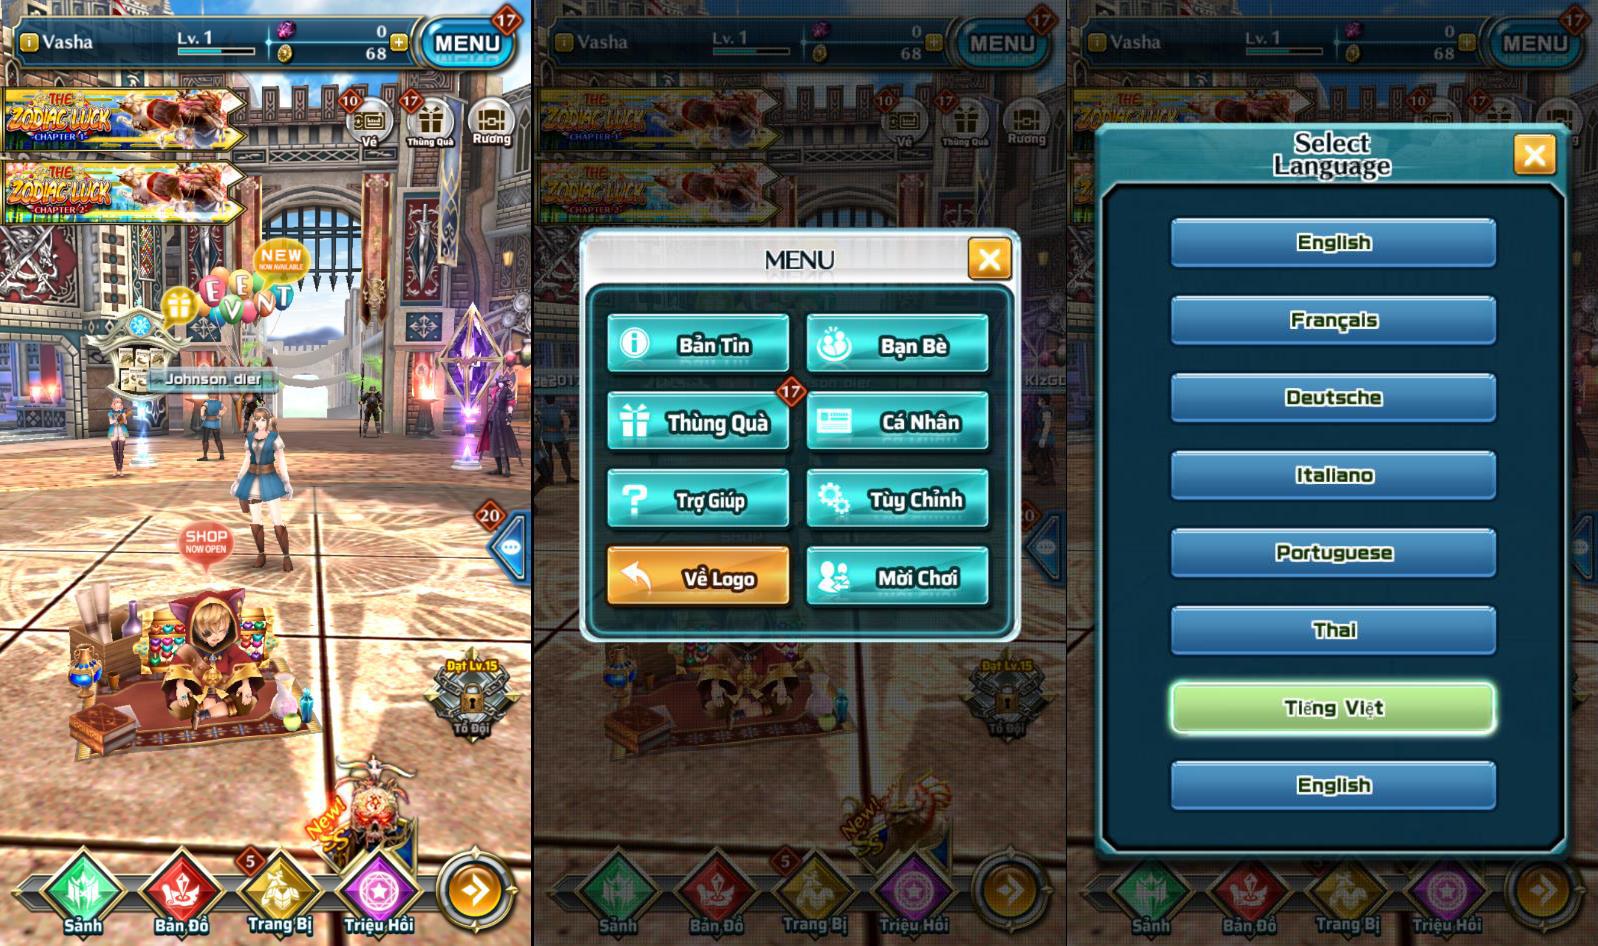 Dragon Project Việt hóa một phần giao diện giúp người chơi tìm hiểu game dễ hơn